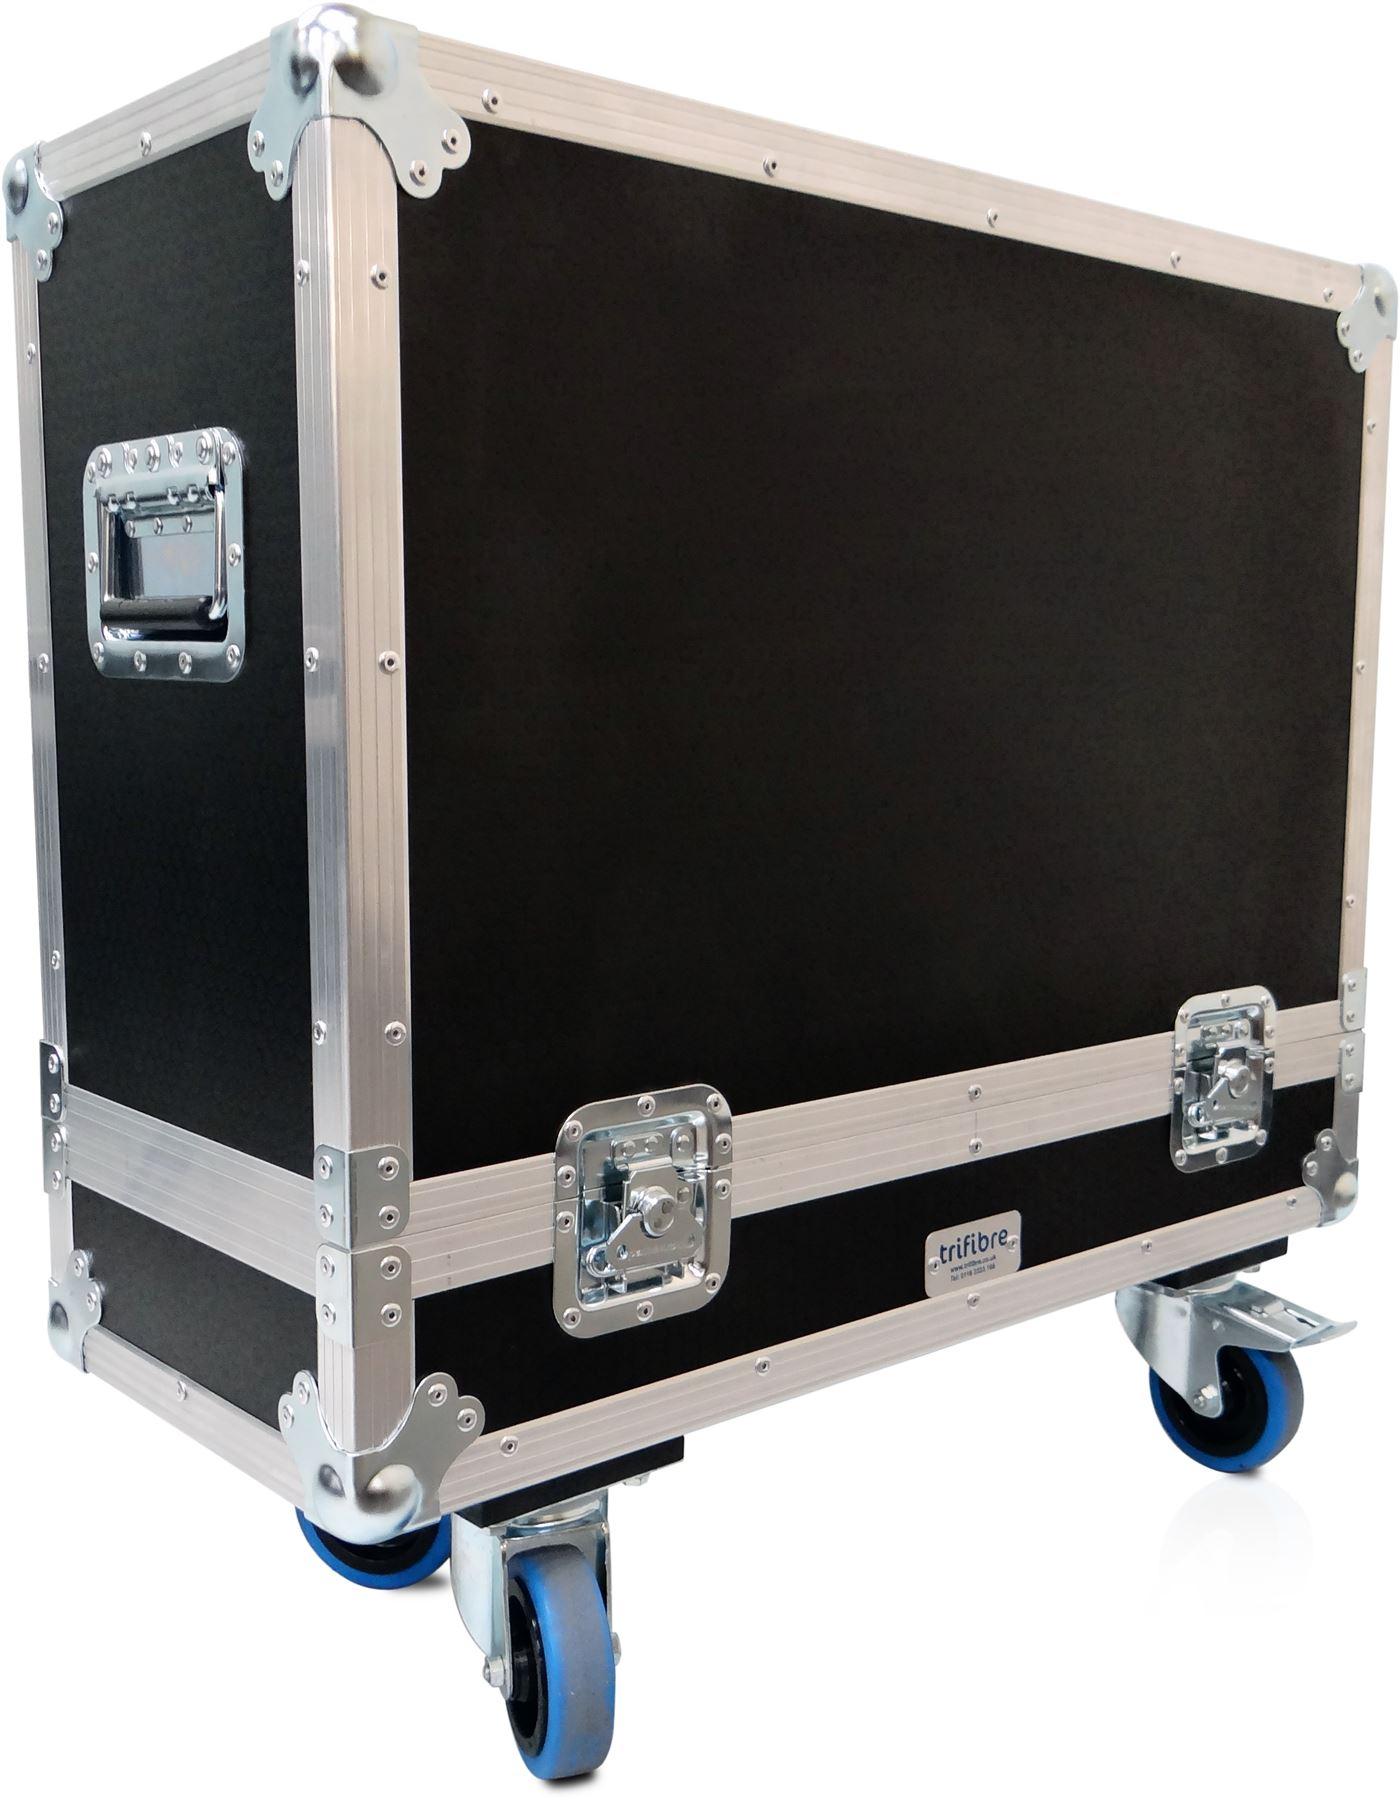 Guitar Amp Flightcases Uk : vox ac15c1 guitar amp flight case ebay ~ Vivirlamusica.com Haus und Dekorationen